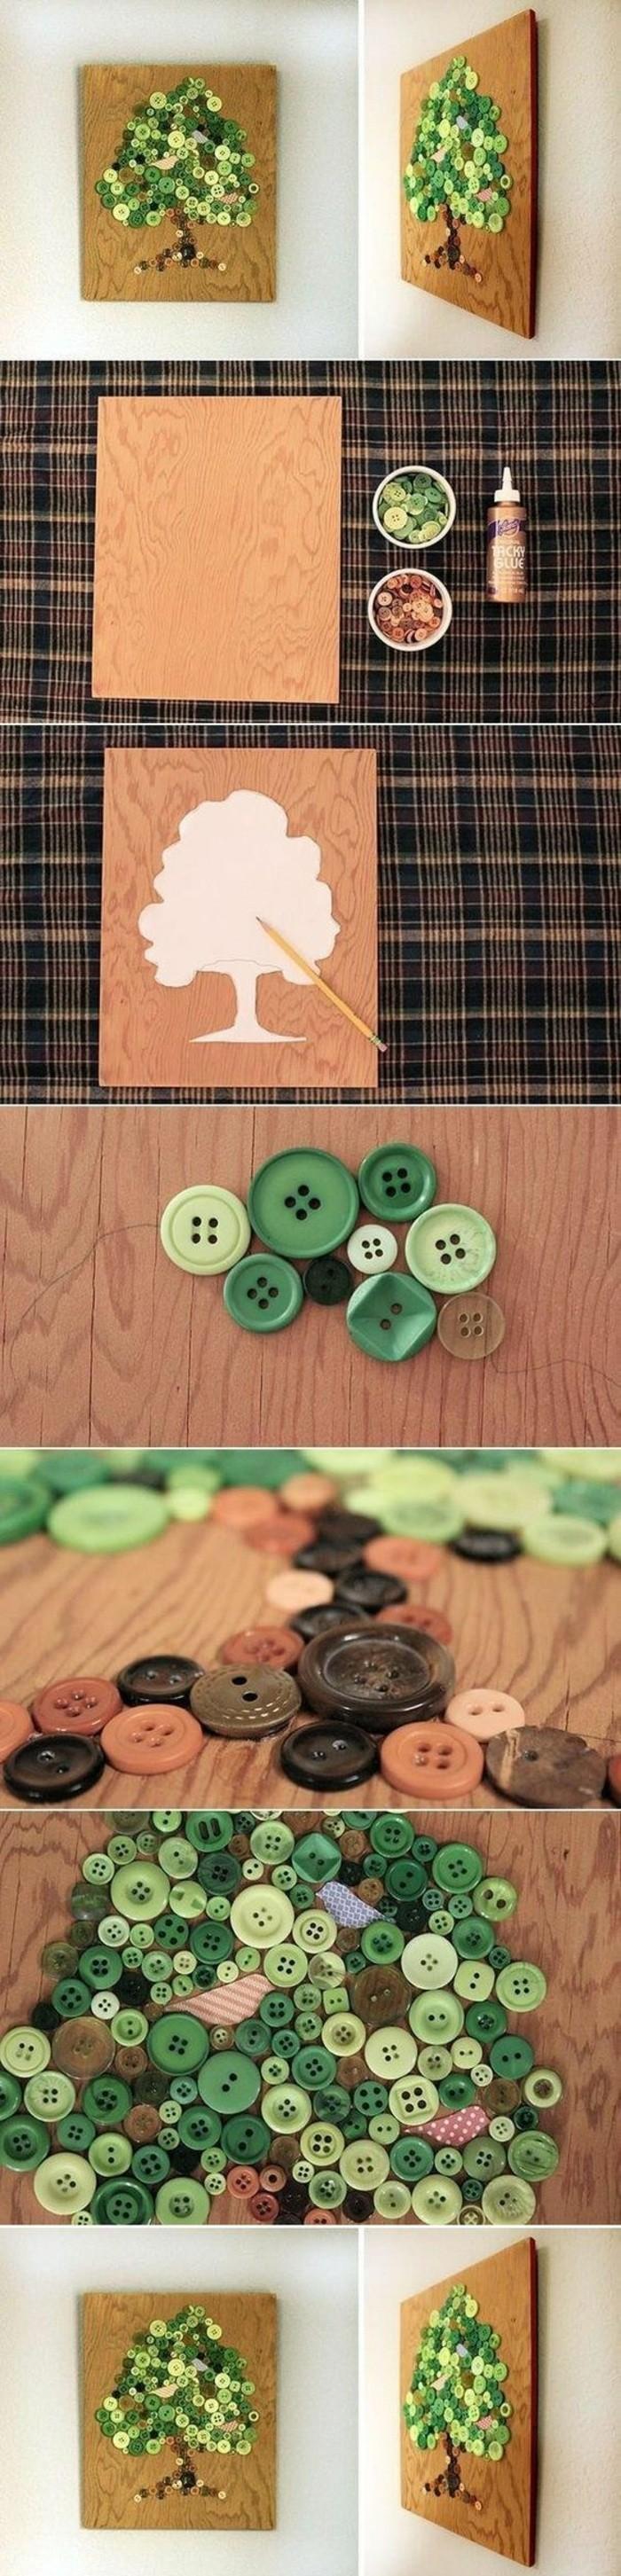 Tutorial lavoretto con bottoni, cornice con bottoni